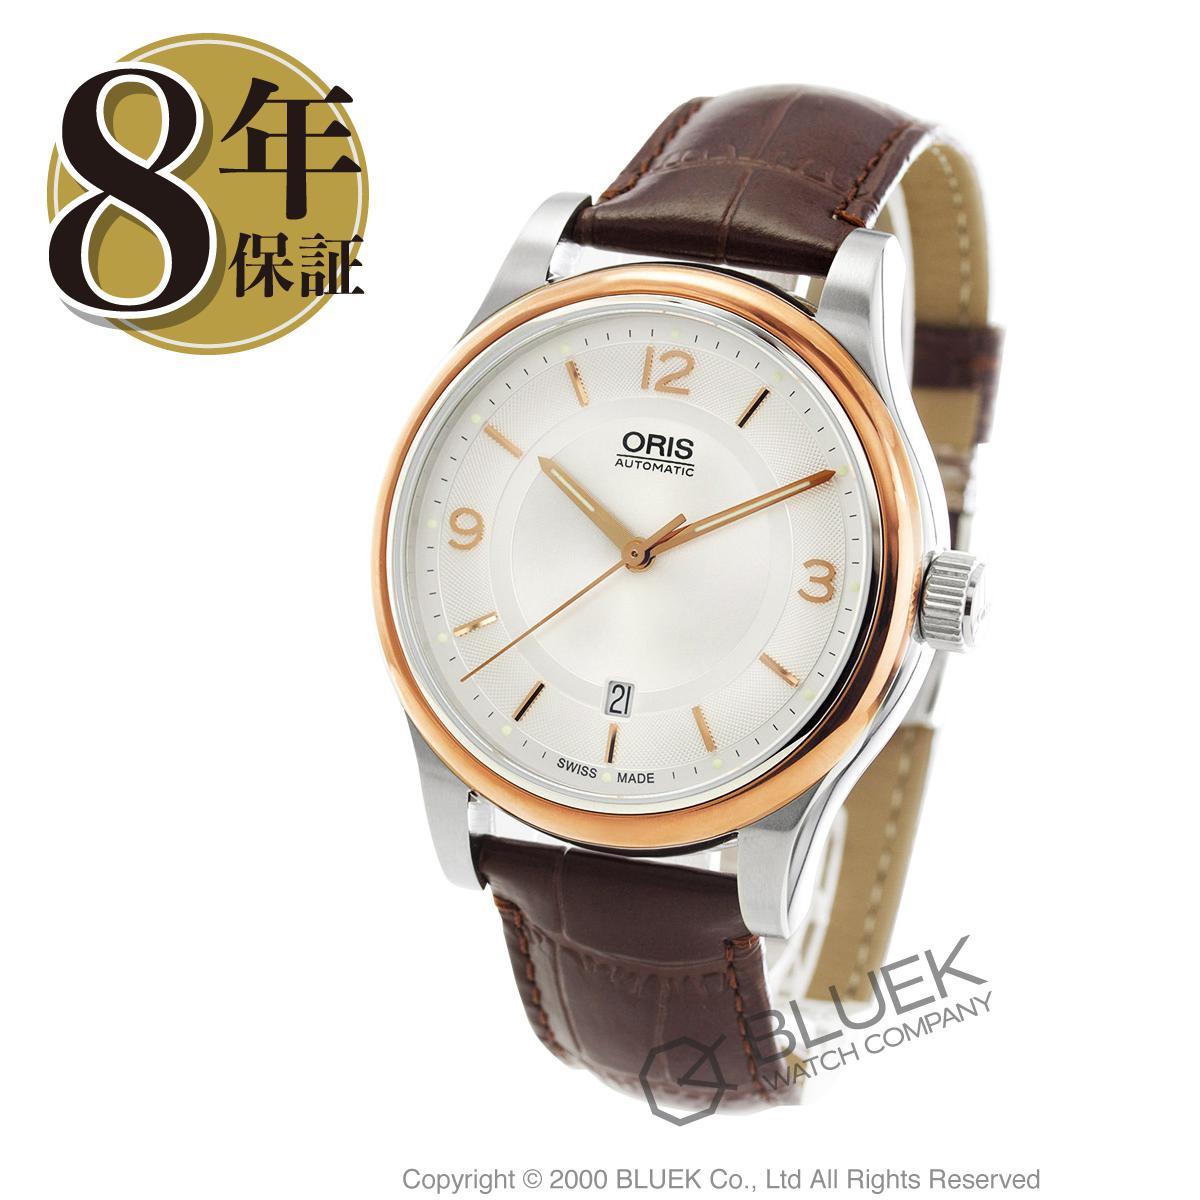 【1,000円OFFクーポン対象】オリス クラシック 腕時計 メンズ ORIS 733 7594 4331F_8